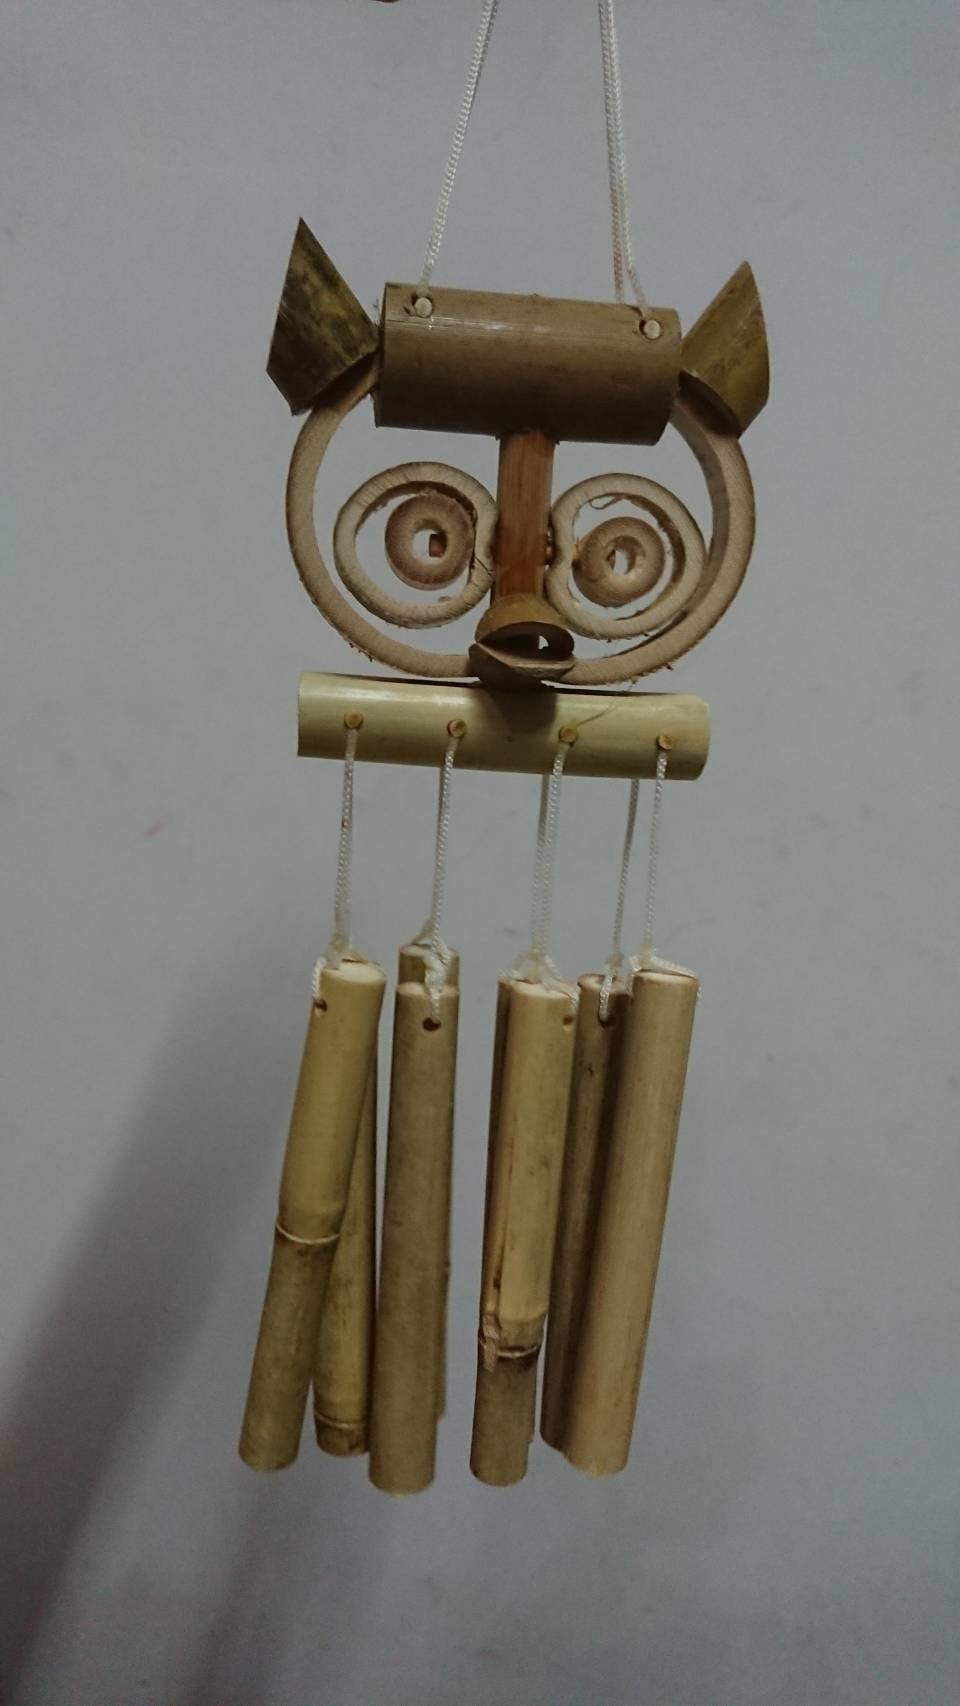 令人著迷的竹手作-竹藝博物館主題特展體驗教學DIY活動